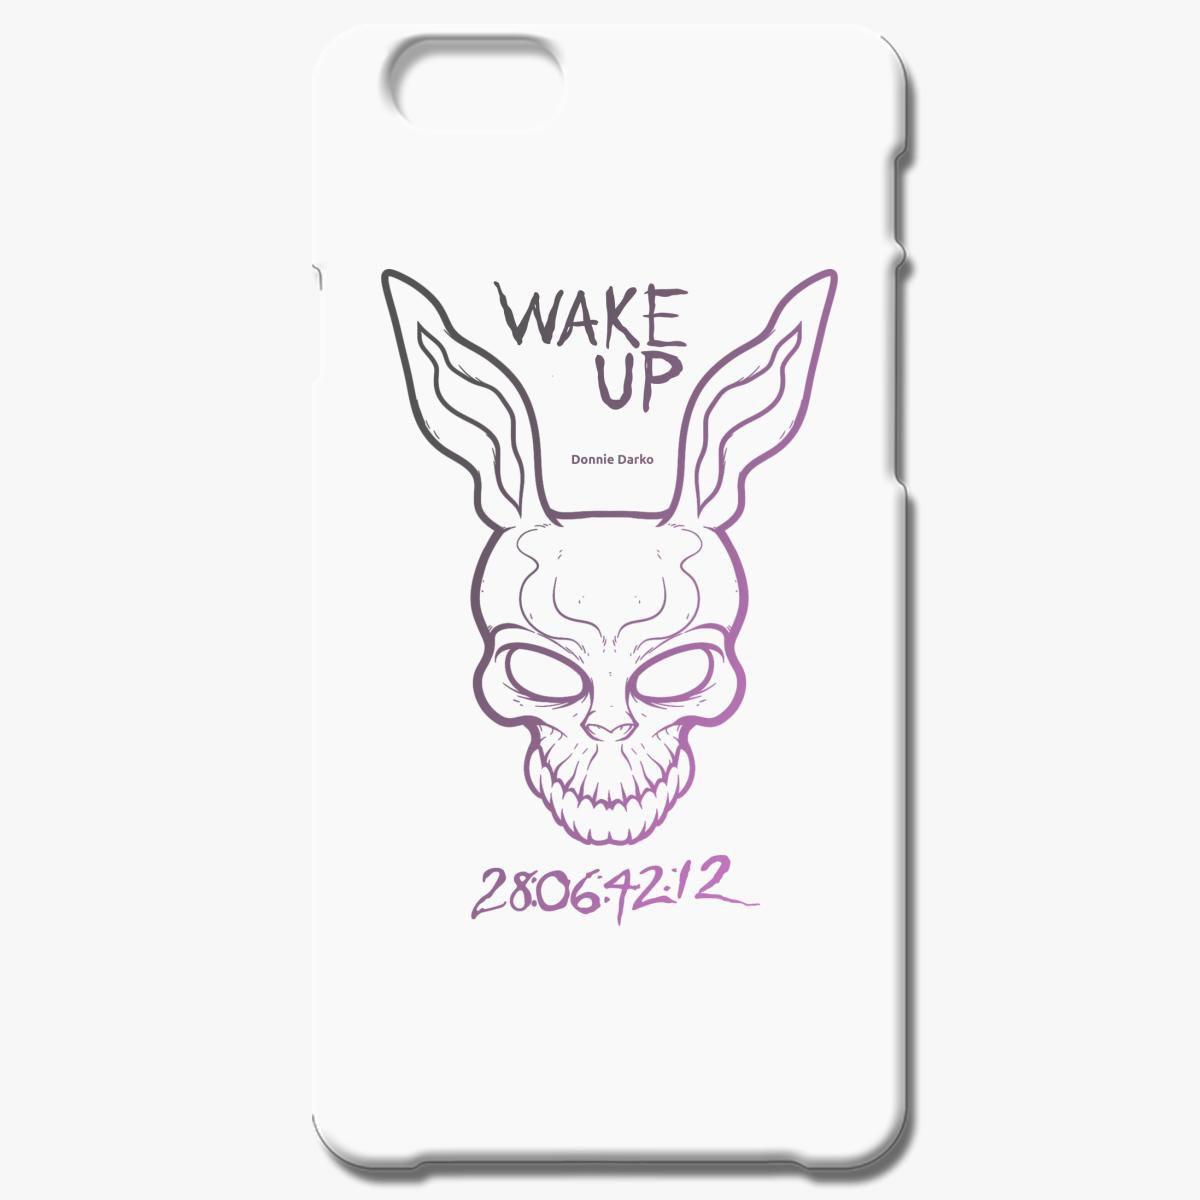 Donnie Darko Wake Up Iphone 6 6s Plus Case